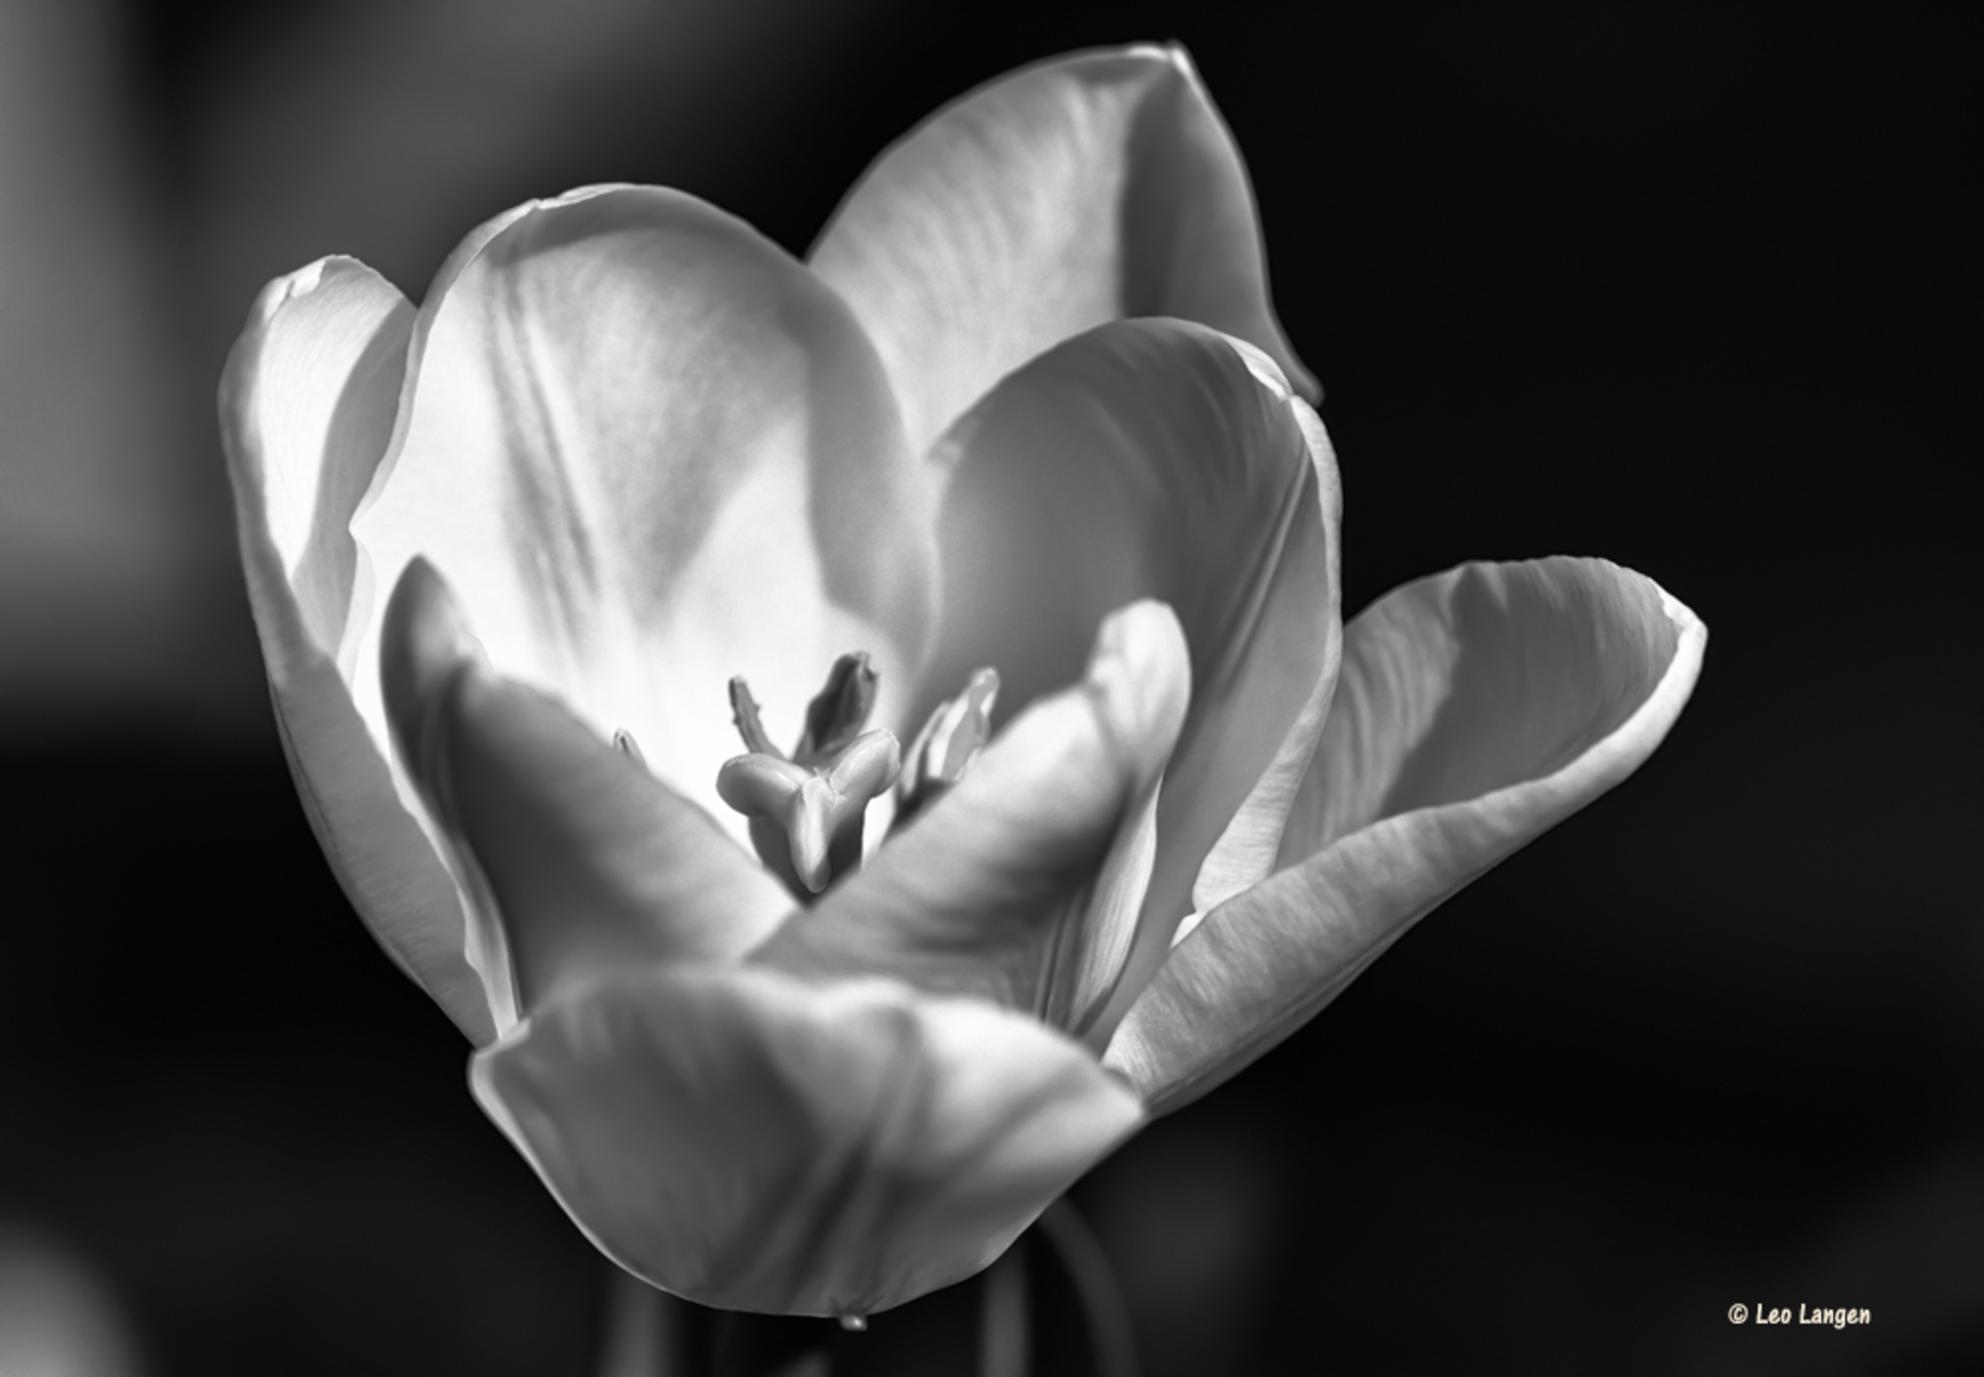 Witte tulp - Bedankt voor alle mooie reacties op mijn vorige foto. Blijft leuk om te lezen. Groetjes Leo - foto door Leo-Langen op 15-04-2020 - deze foto bevat: tulp, zwart wit, zwart wit fotografie, leo langen, 00051448 - Deze foto mag gebruikt worden in een Zoom.nl publicatie